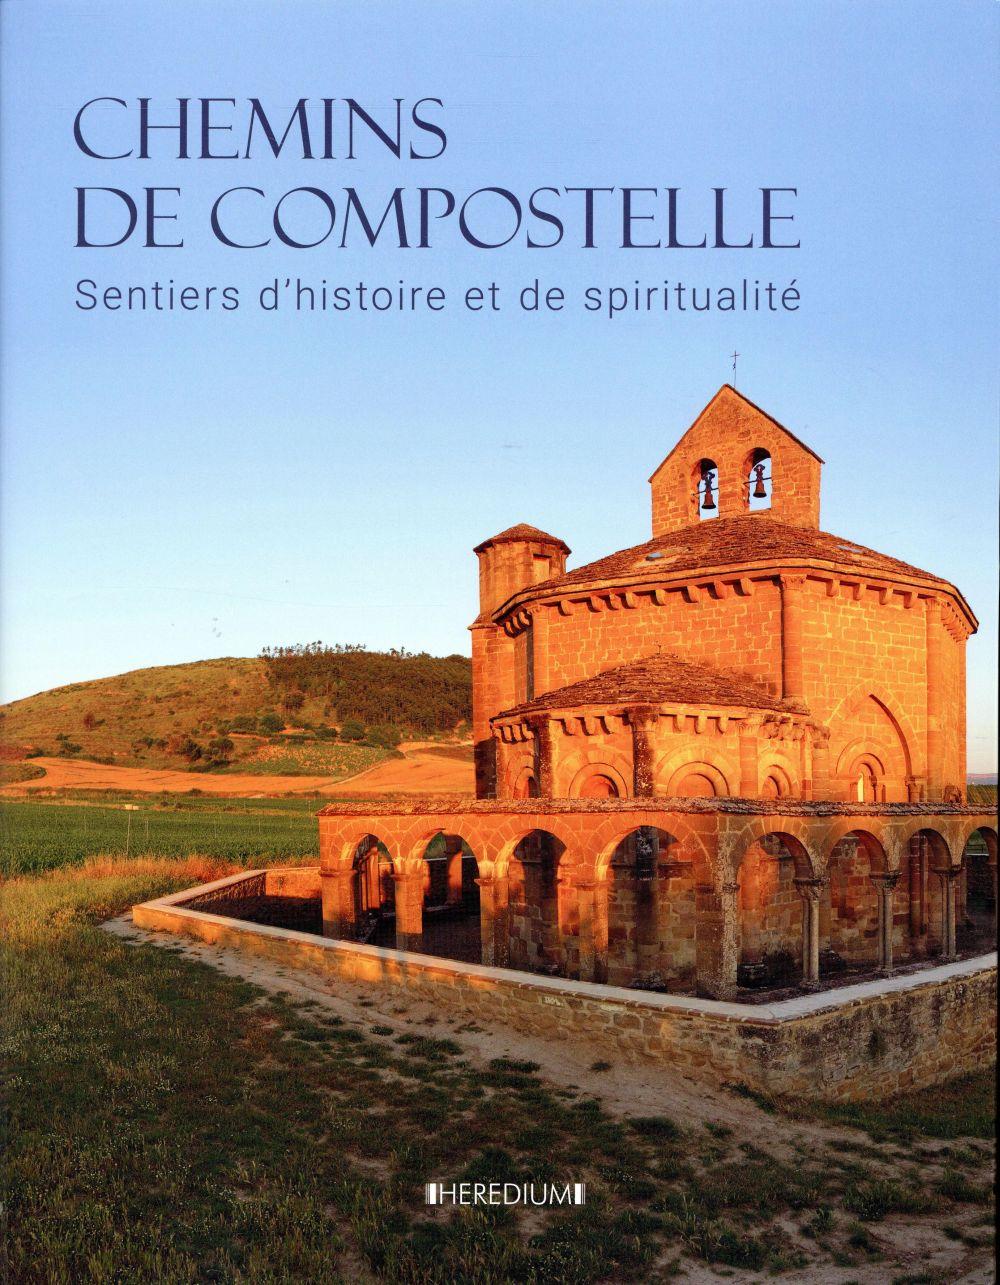 CHEMINS DE COMPOSTELLE - SENTIERS D'HISTOIRE ET DE SPIRITUALITE